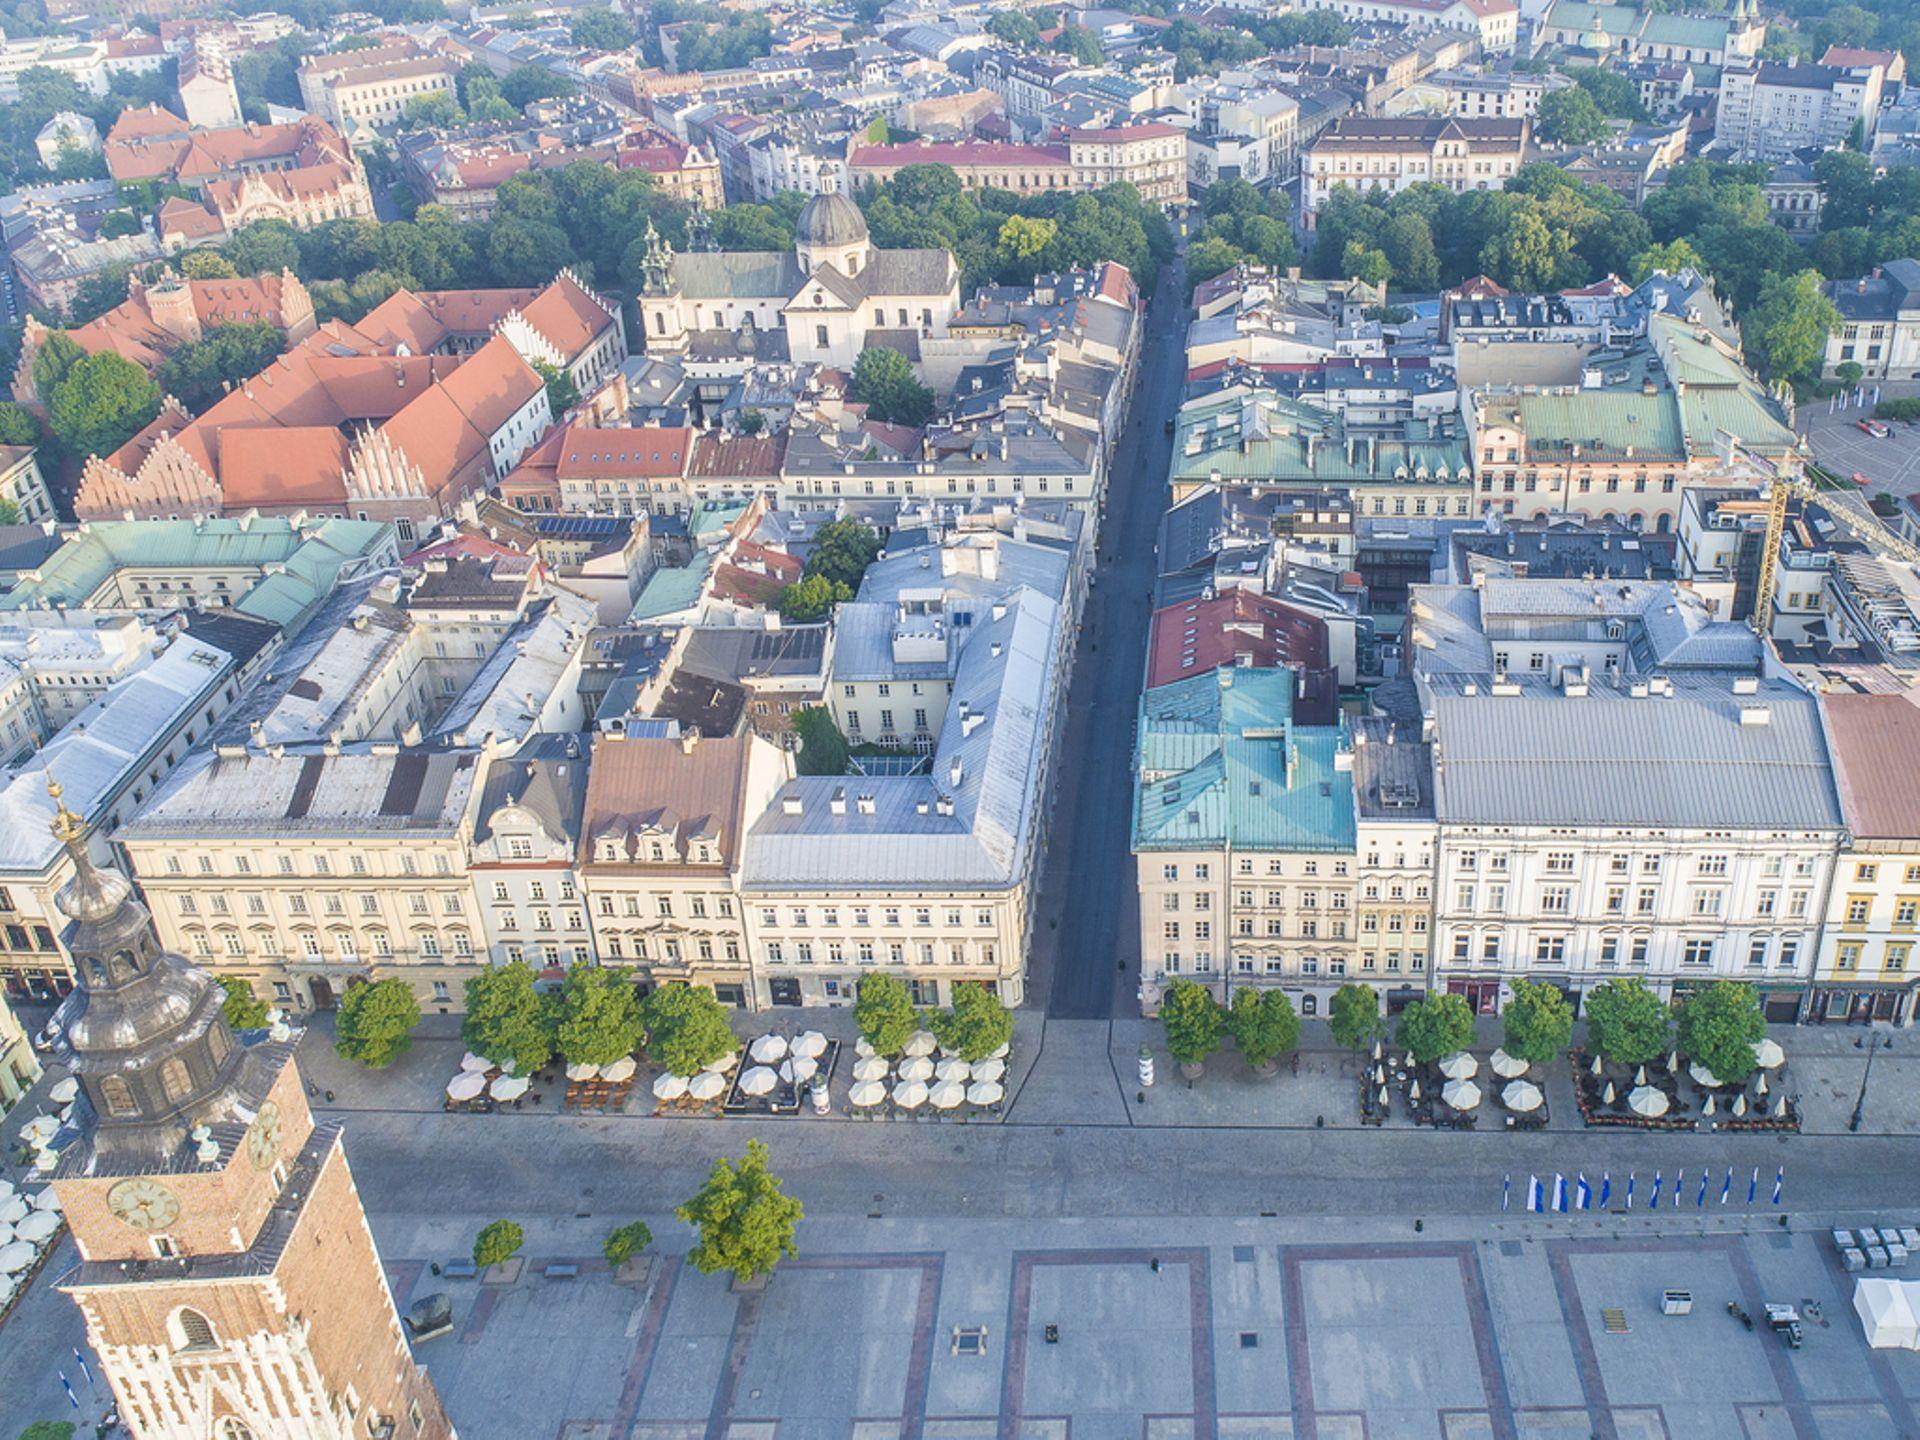 Kraków: Bank Pekao sprzedaje zabytkową kamienicę na Rynku. Oczekuje kilkudziesięciu milionów